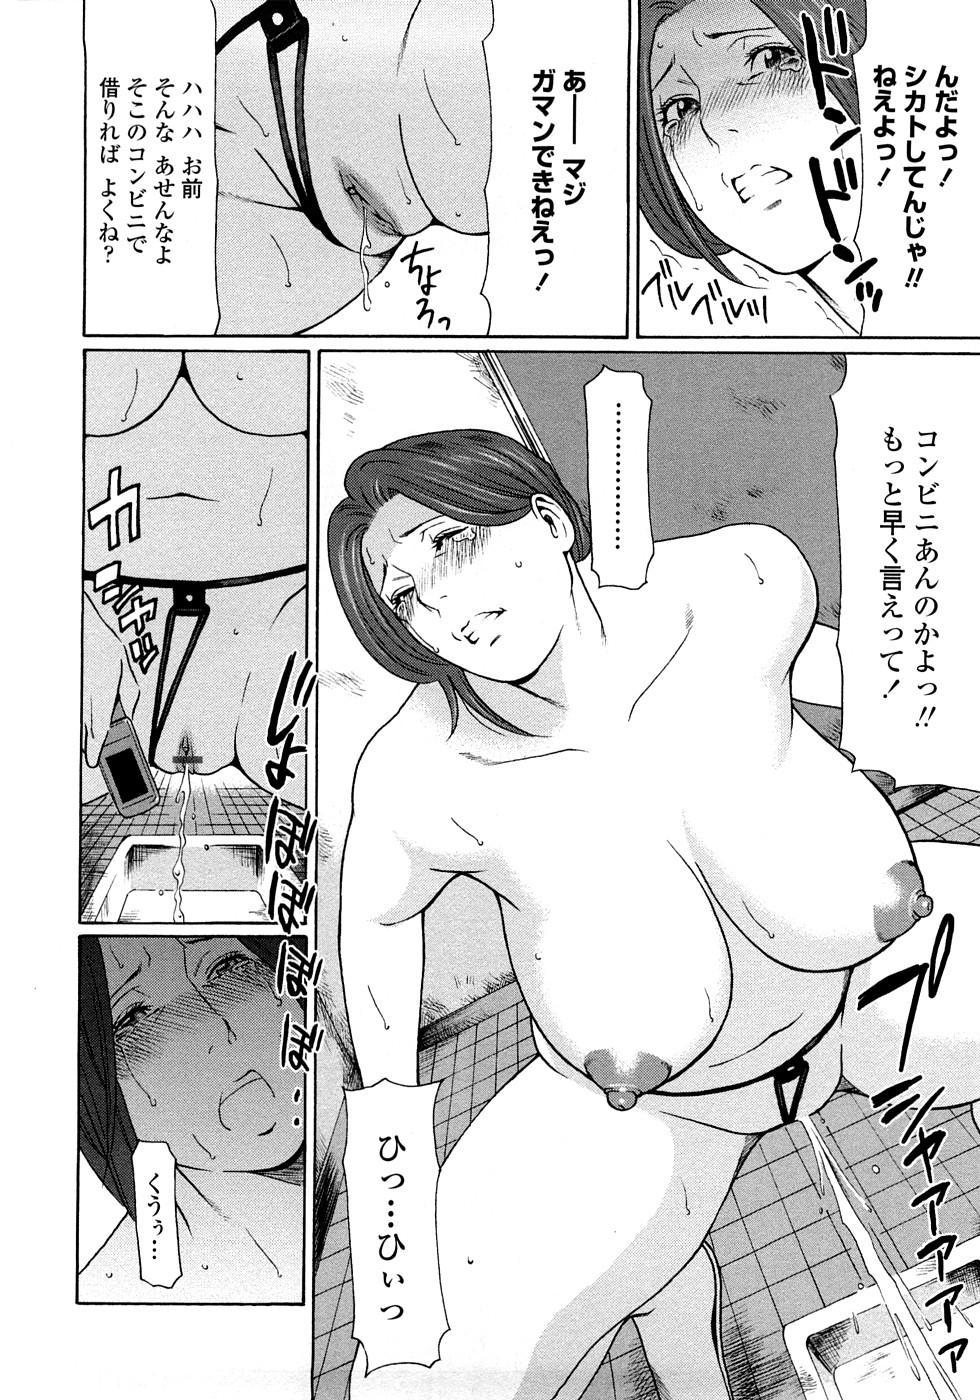 Etsuraku no Tobira - The Door of Sexual Pleasure 128